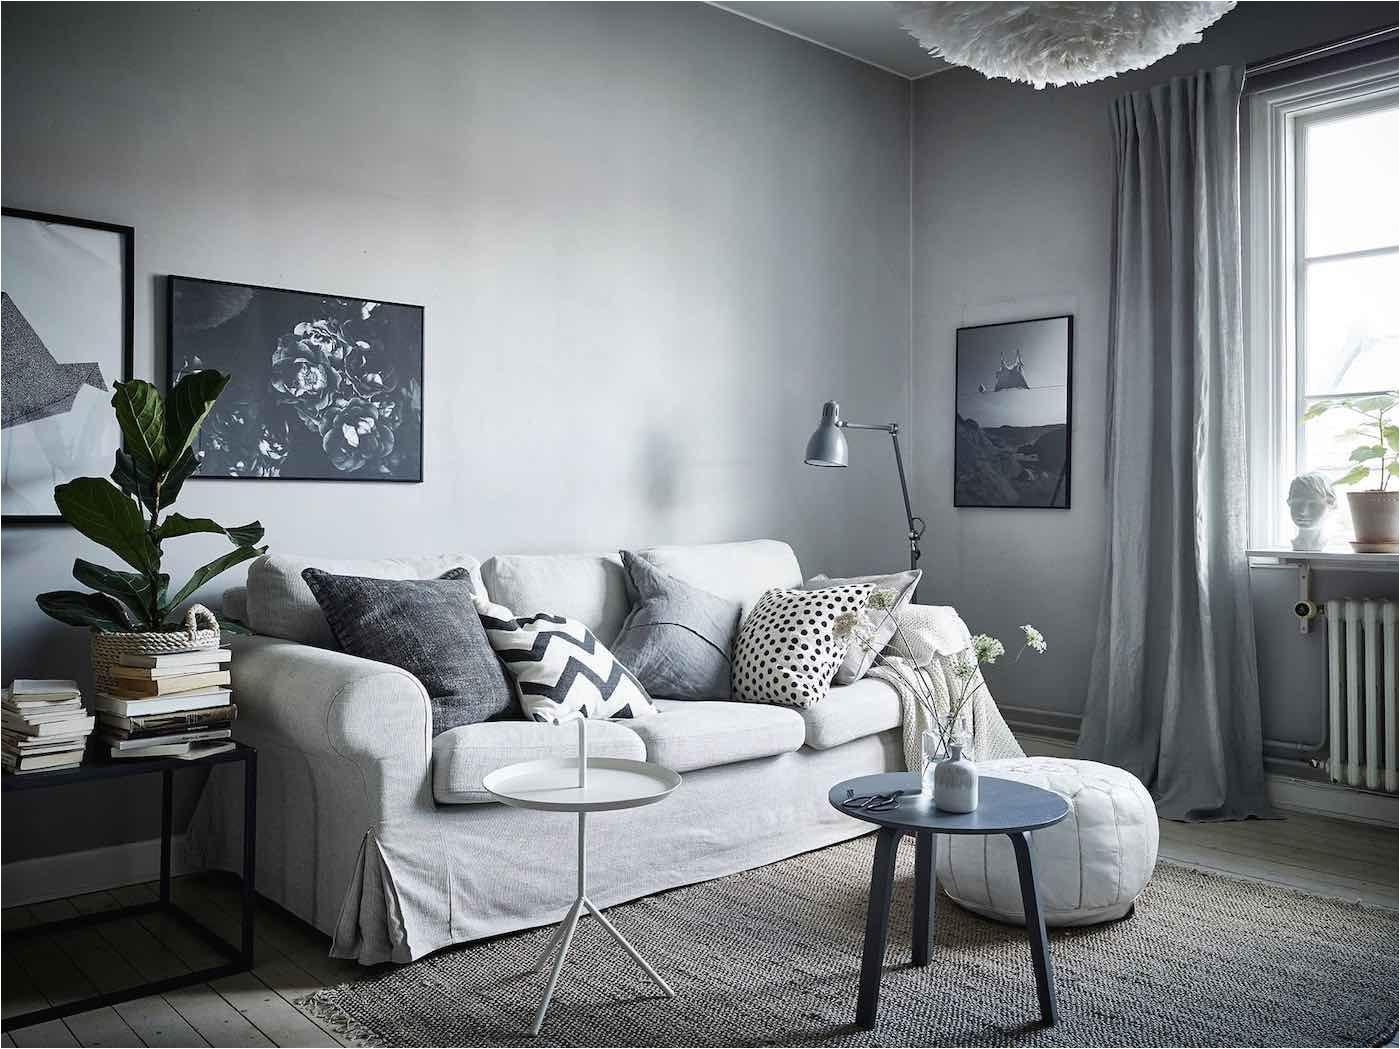 full size of decoracion estudios modernos para pequenos decorar en casa fotos muy decoracion y espacios with decoracin de interiores para espacios pequeos